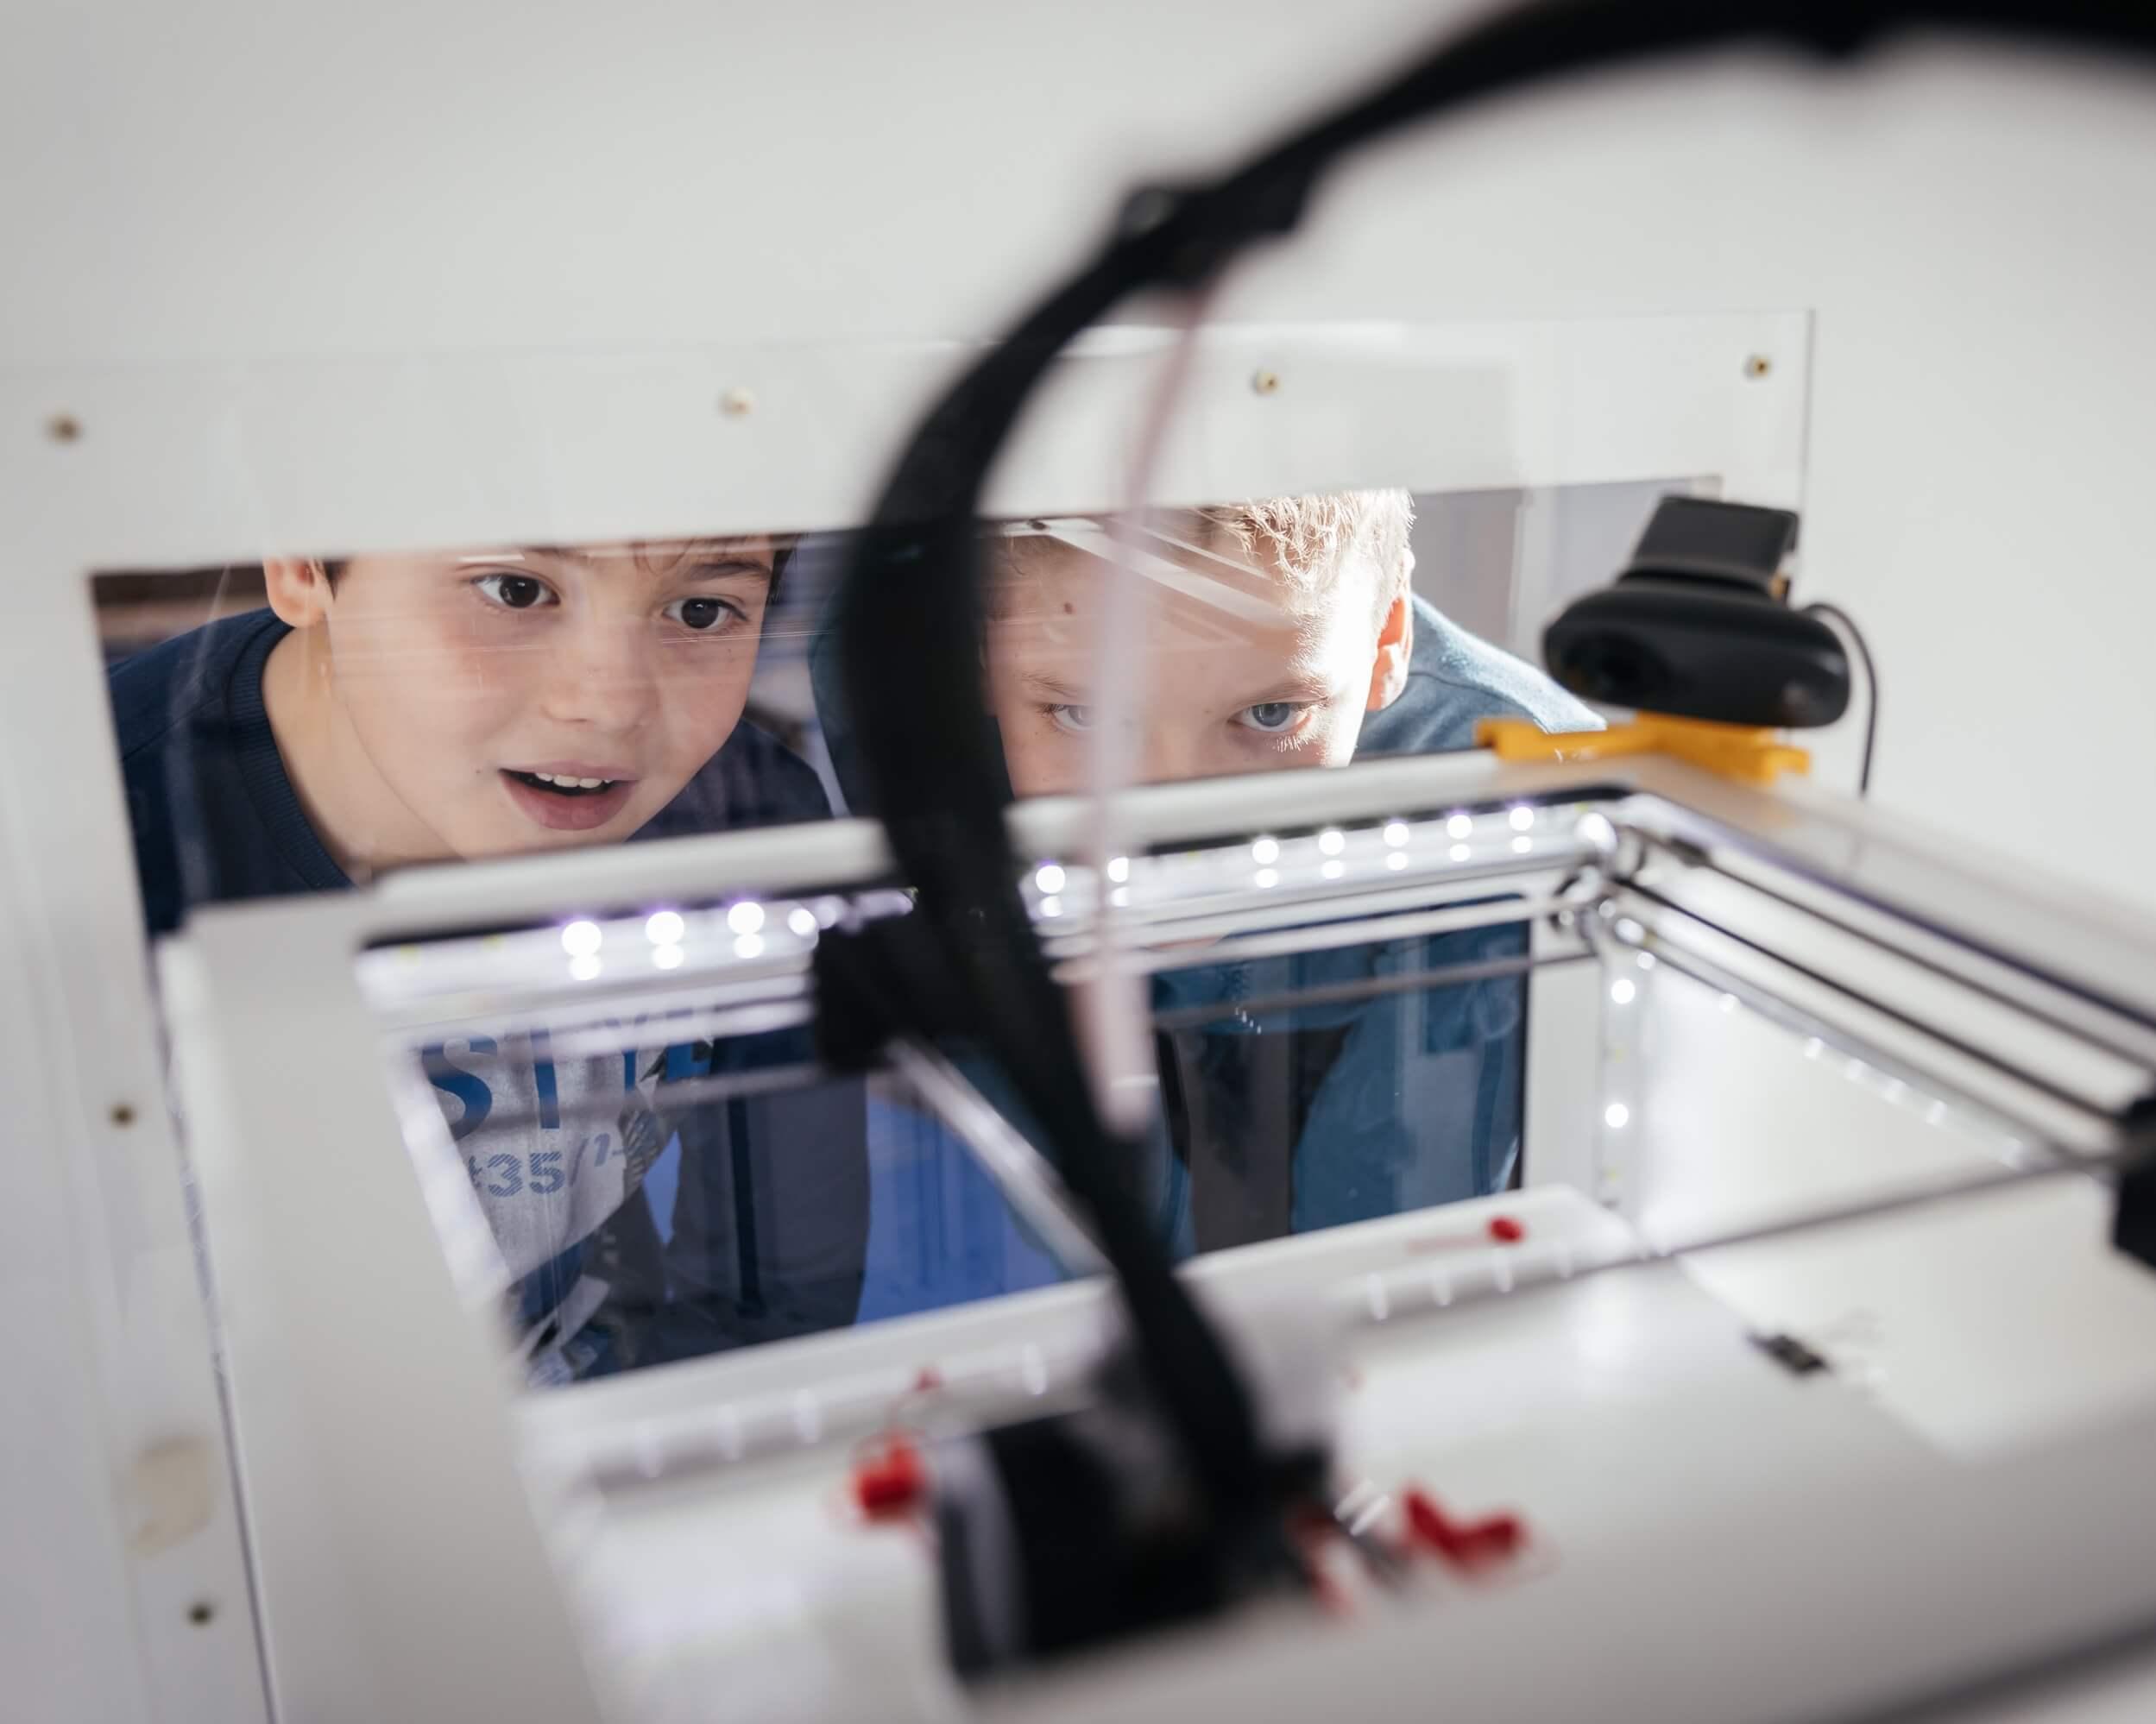 3D-Druck-Kurs - Kinder am 3D-Drucker